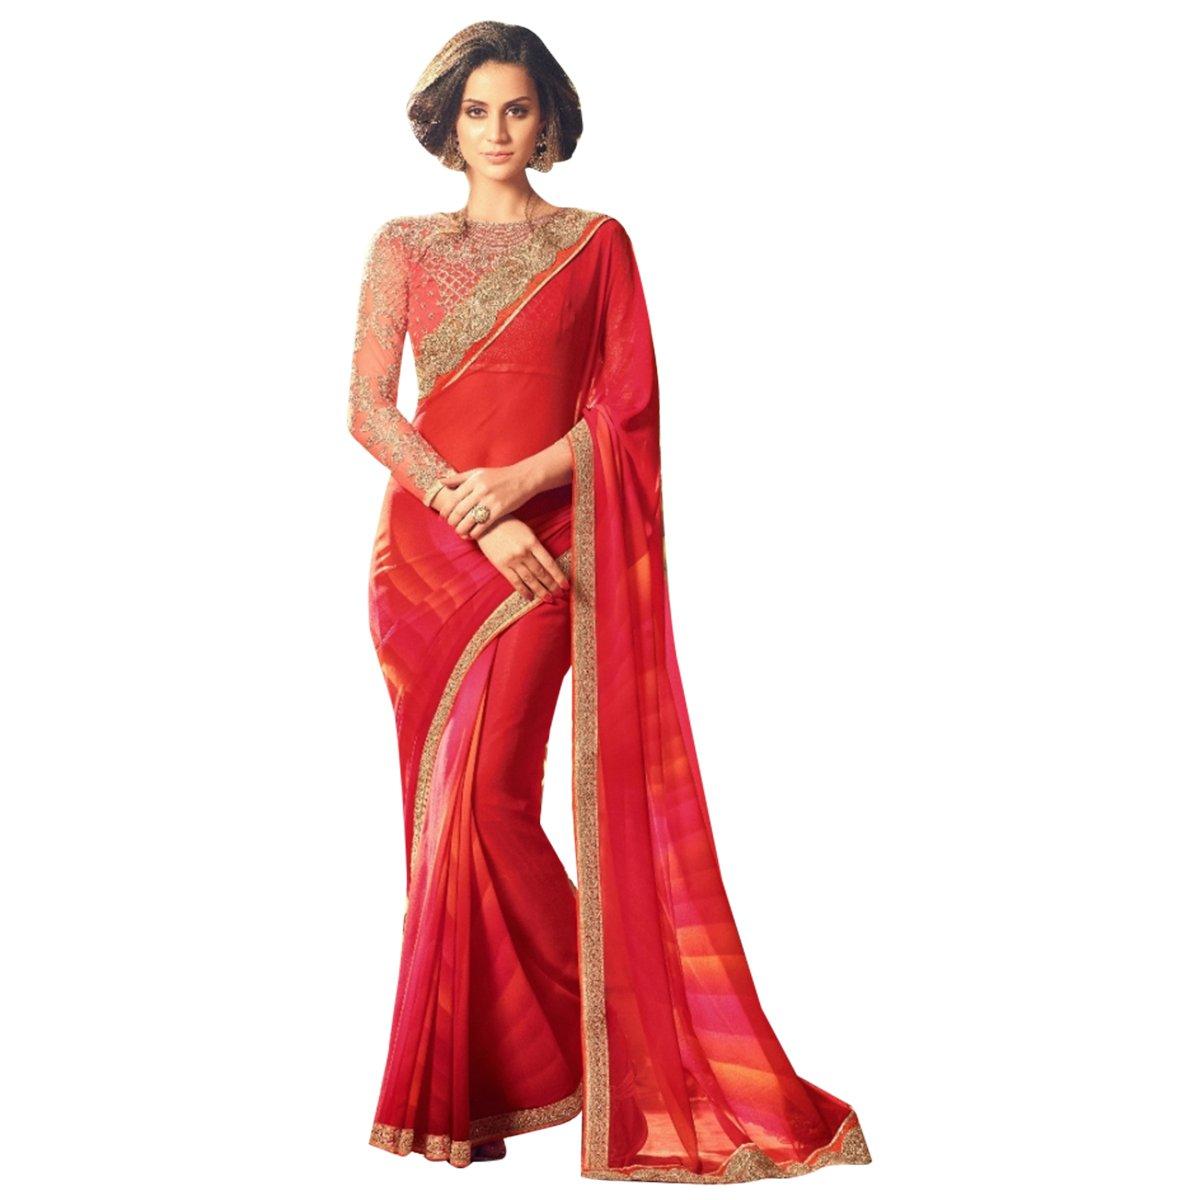 Amazon.com: Bollywood Nueva moda elegante Saree sari con ...